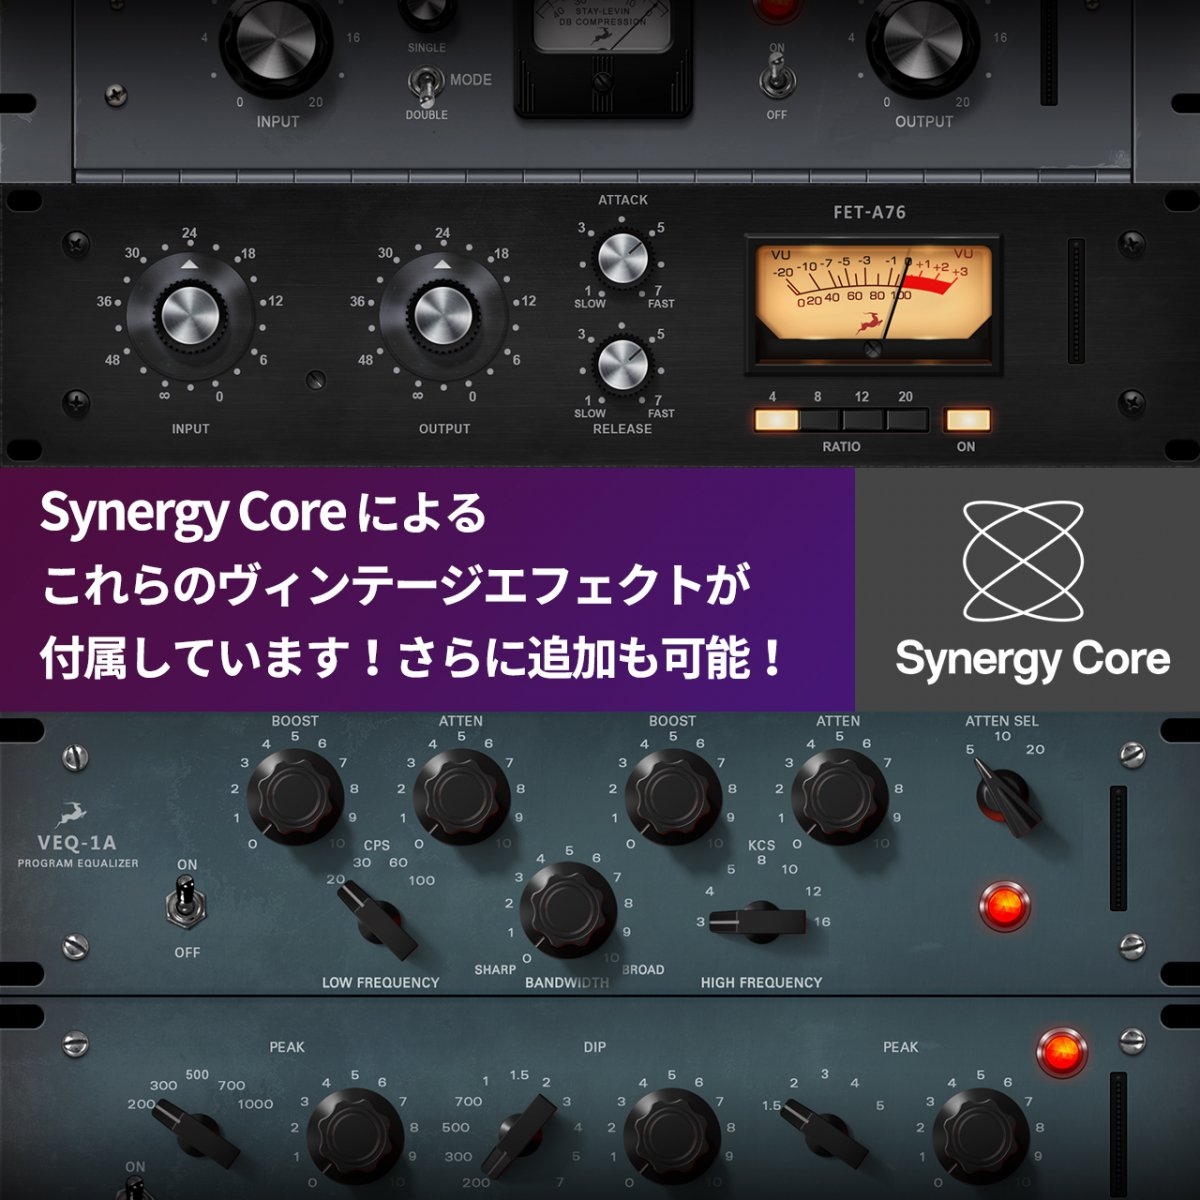 【モデリングマイク「Edge Solo」とハンドメイドケーブルペア プレゼント!】Antelope Audio Discrete 8 Synergy Core